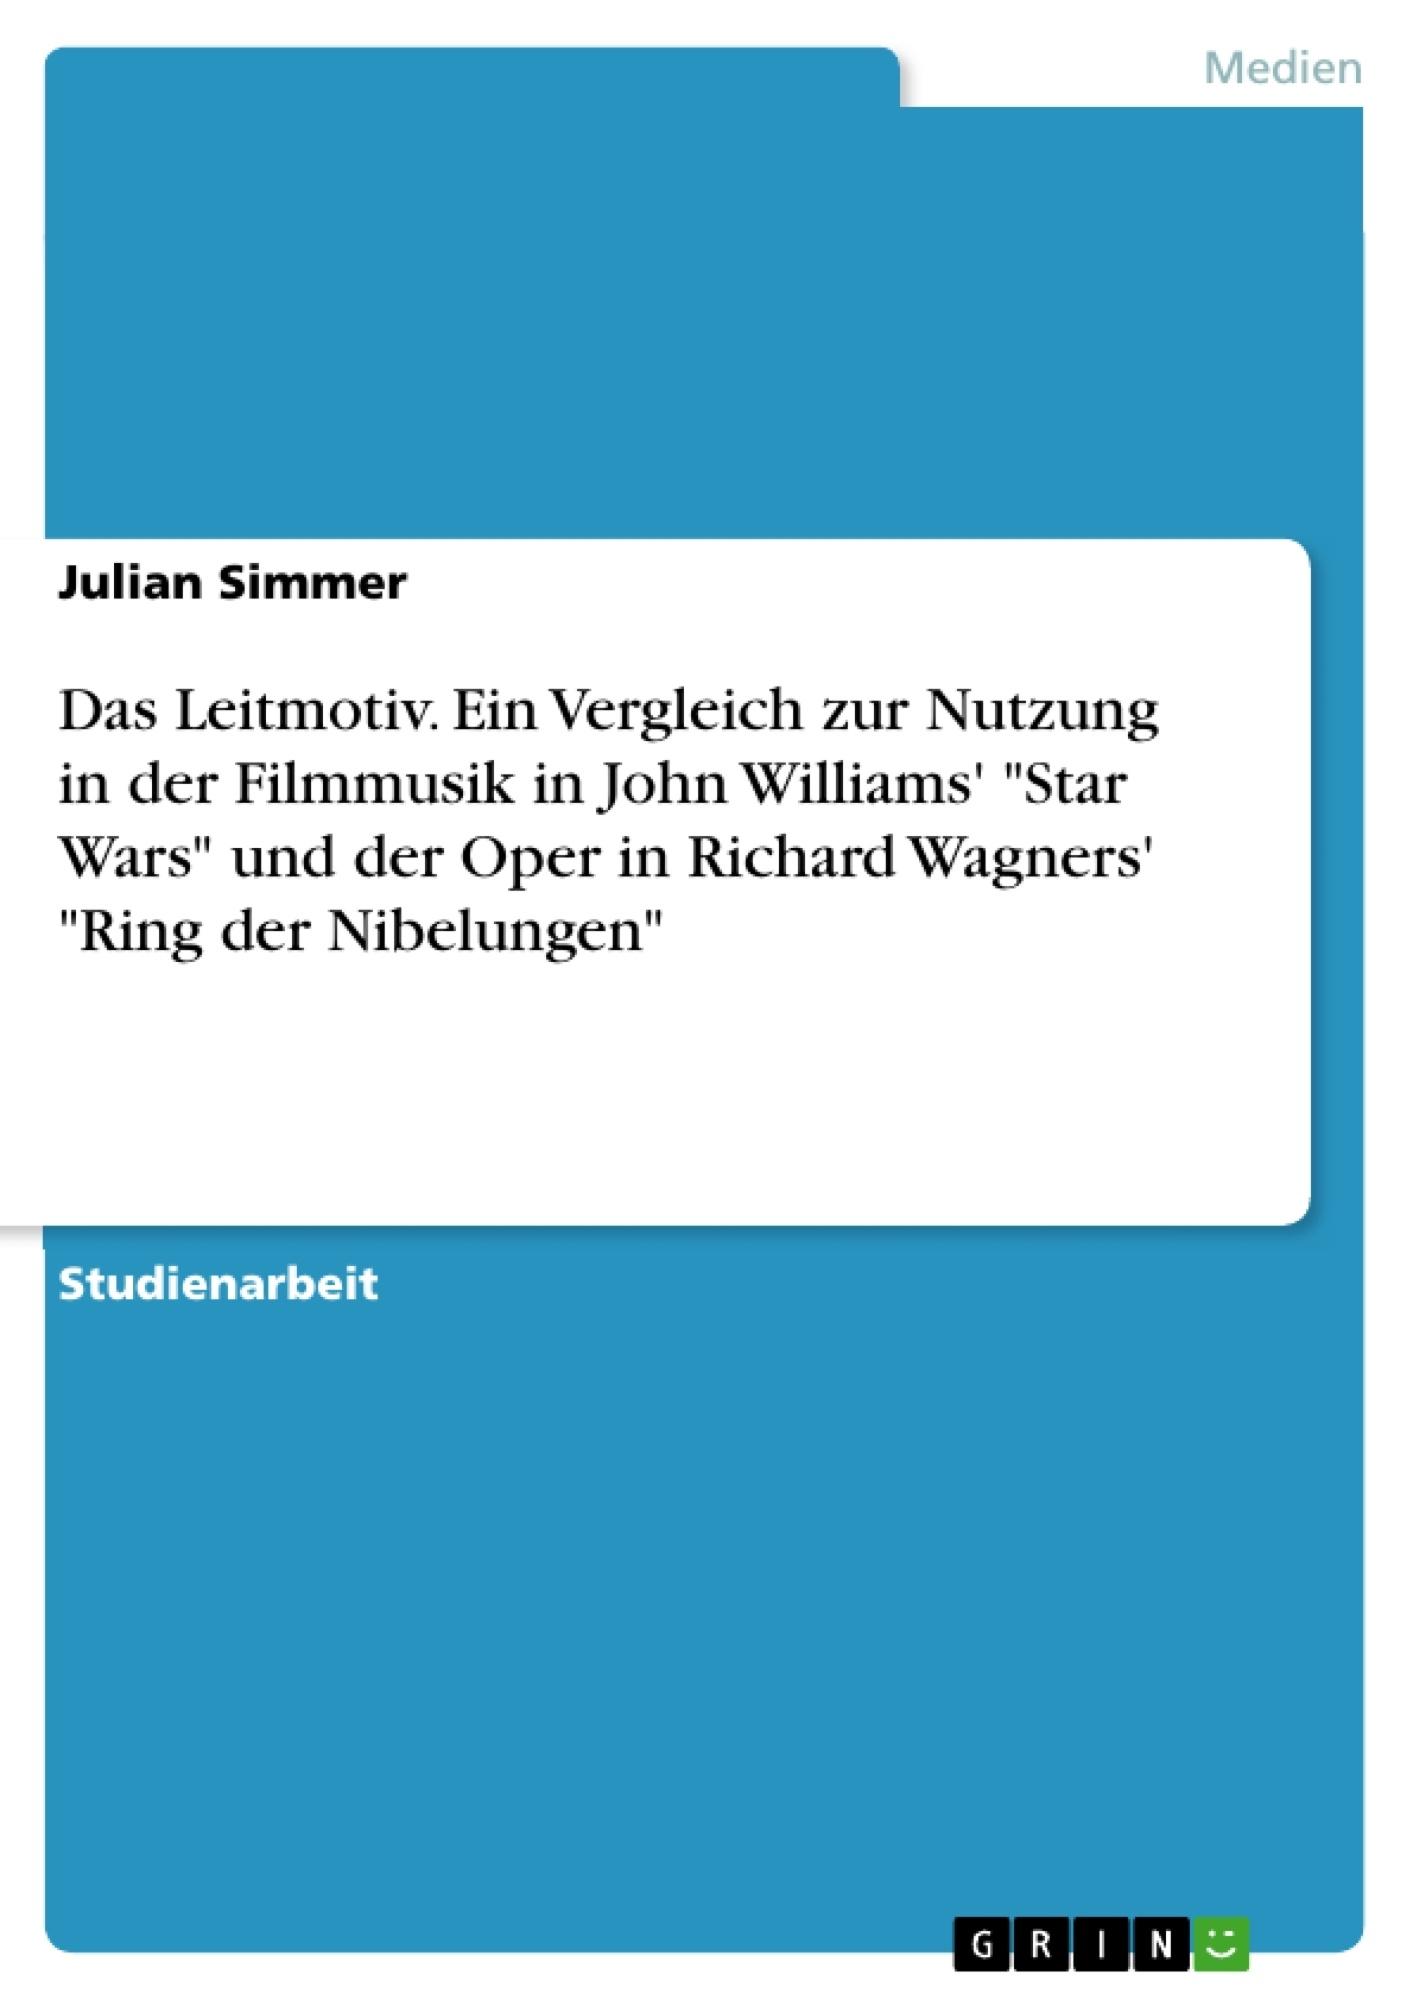 """Titel: Das Leitmotiv. Ein Vergleich zur Nutzung in der Filmmusik in John Williams' """"Star Wars"""" und der Oper in Richard Wagners' """"Ring der Nibelungen"""""""